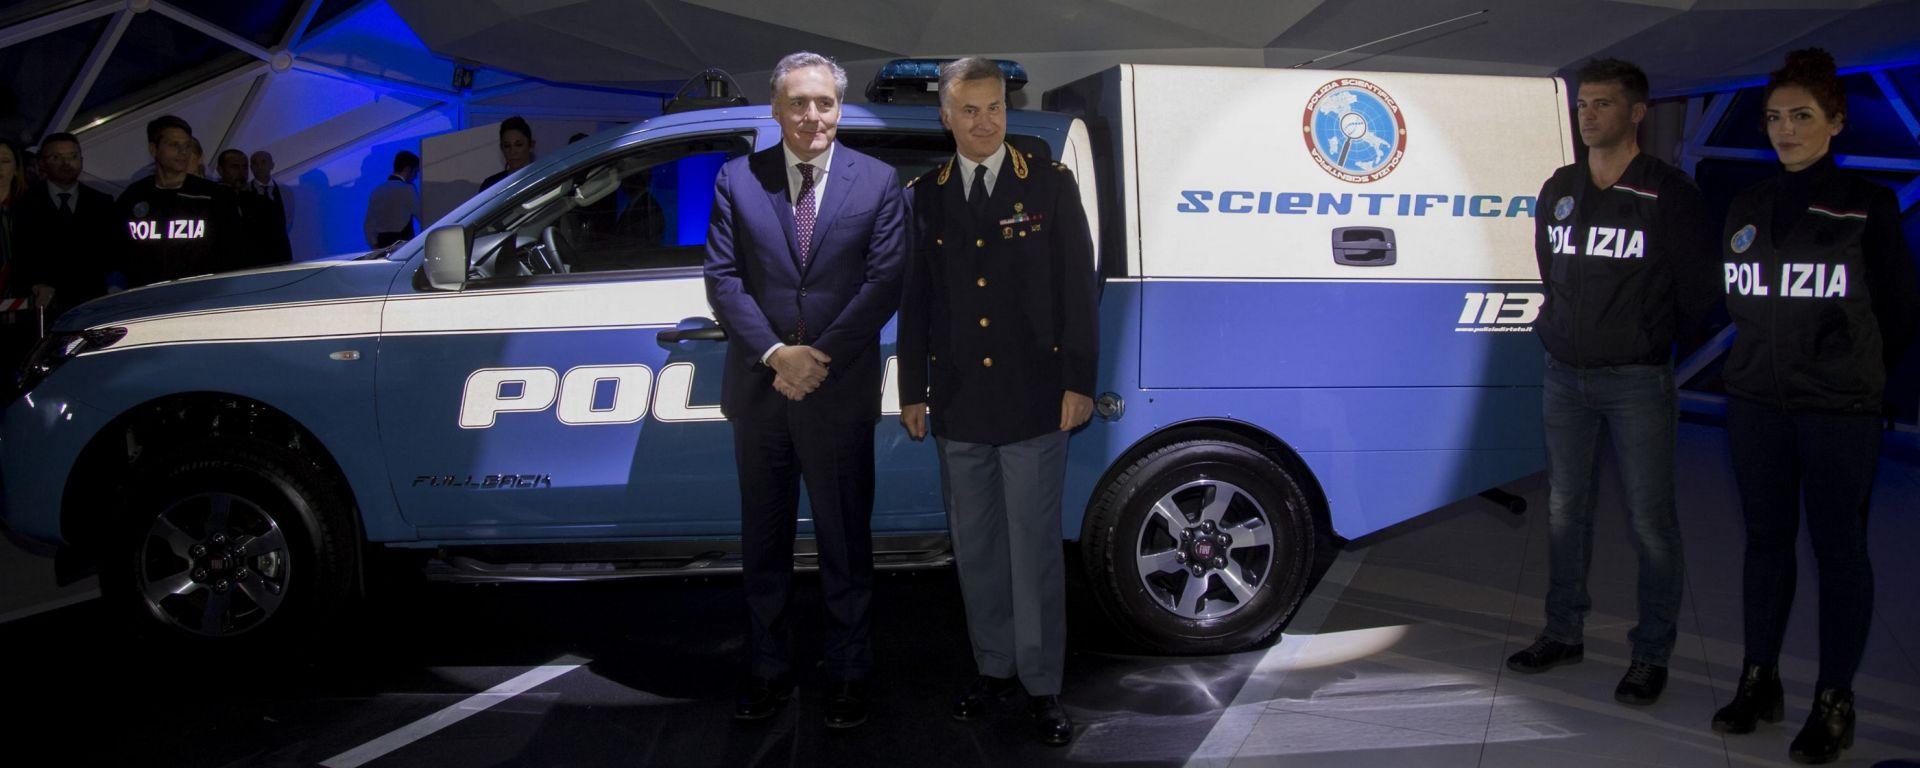 Fiat Fullback: una flotta al servizio della Polizia Scientifica